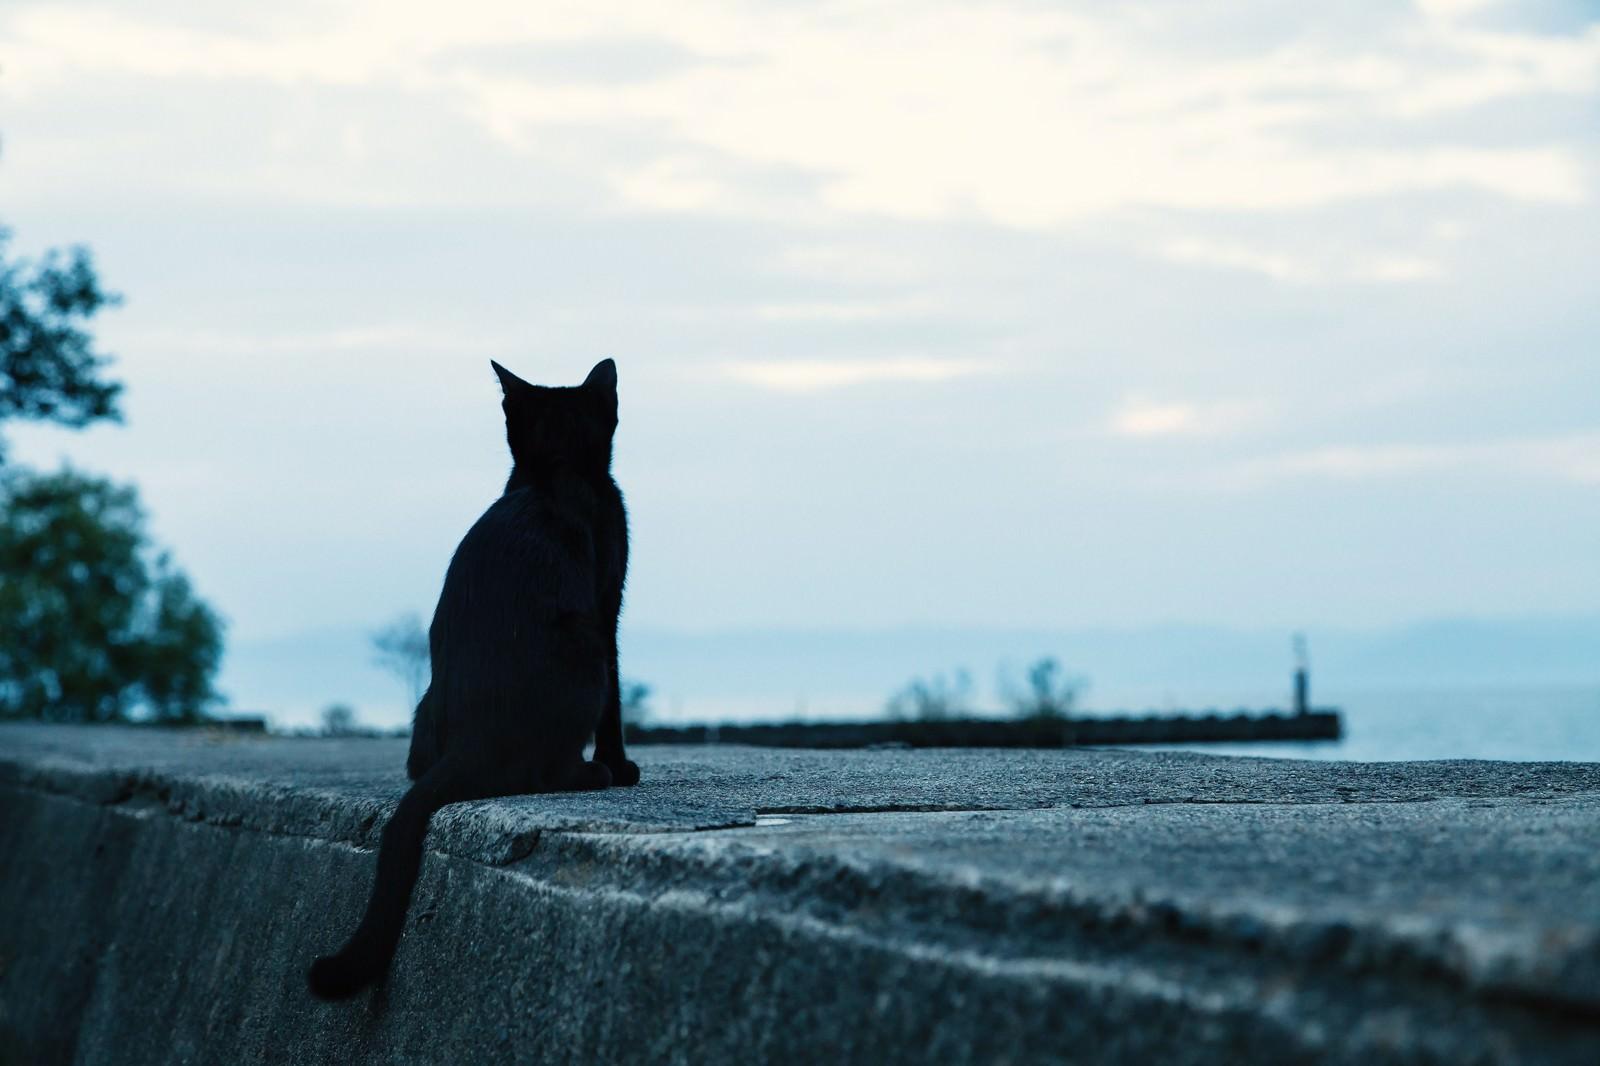 「埠頭から海を見る黒猫」の写真